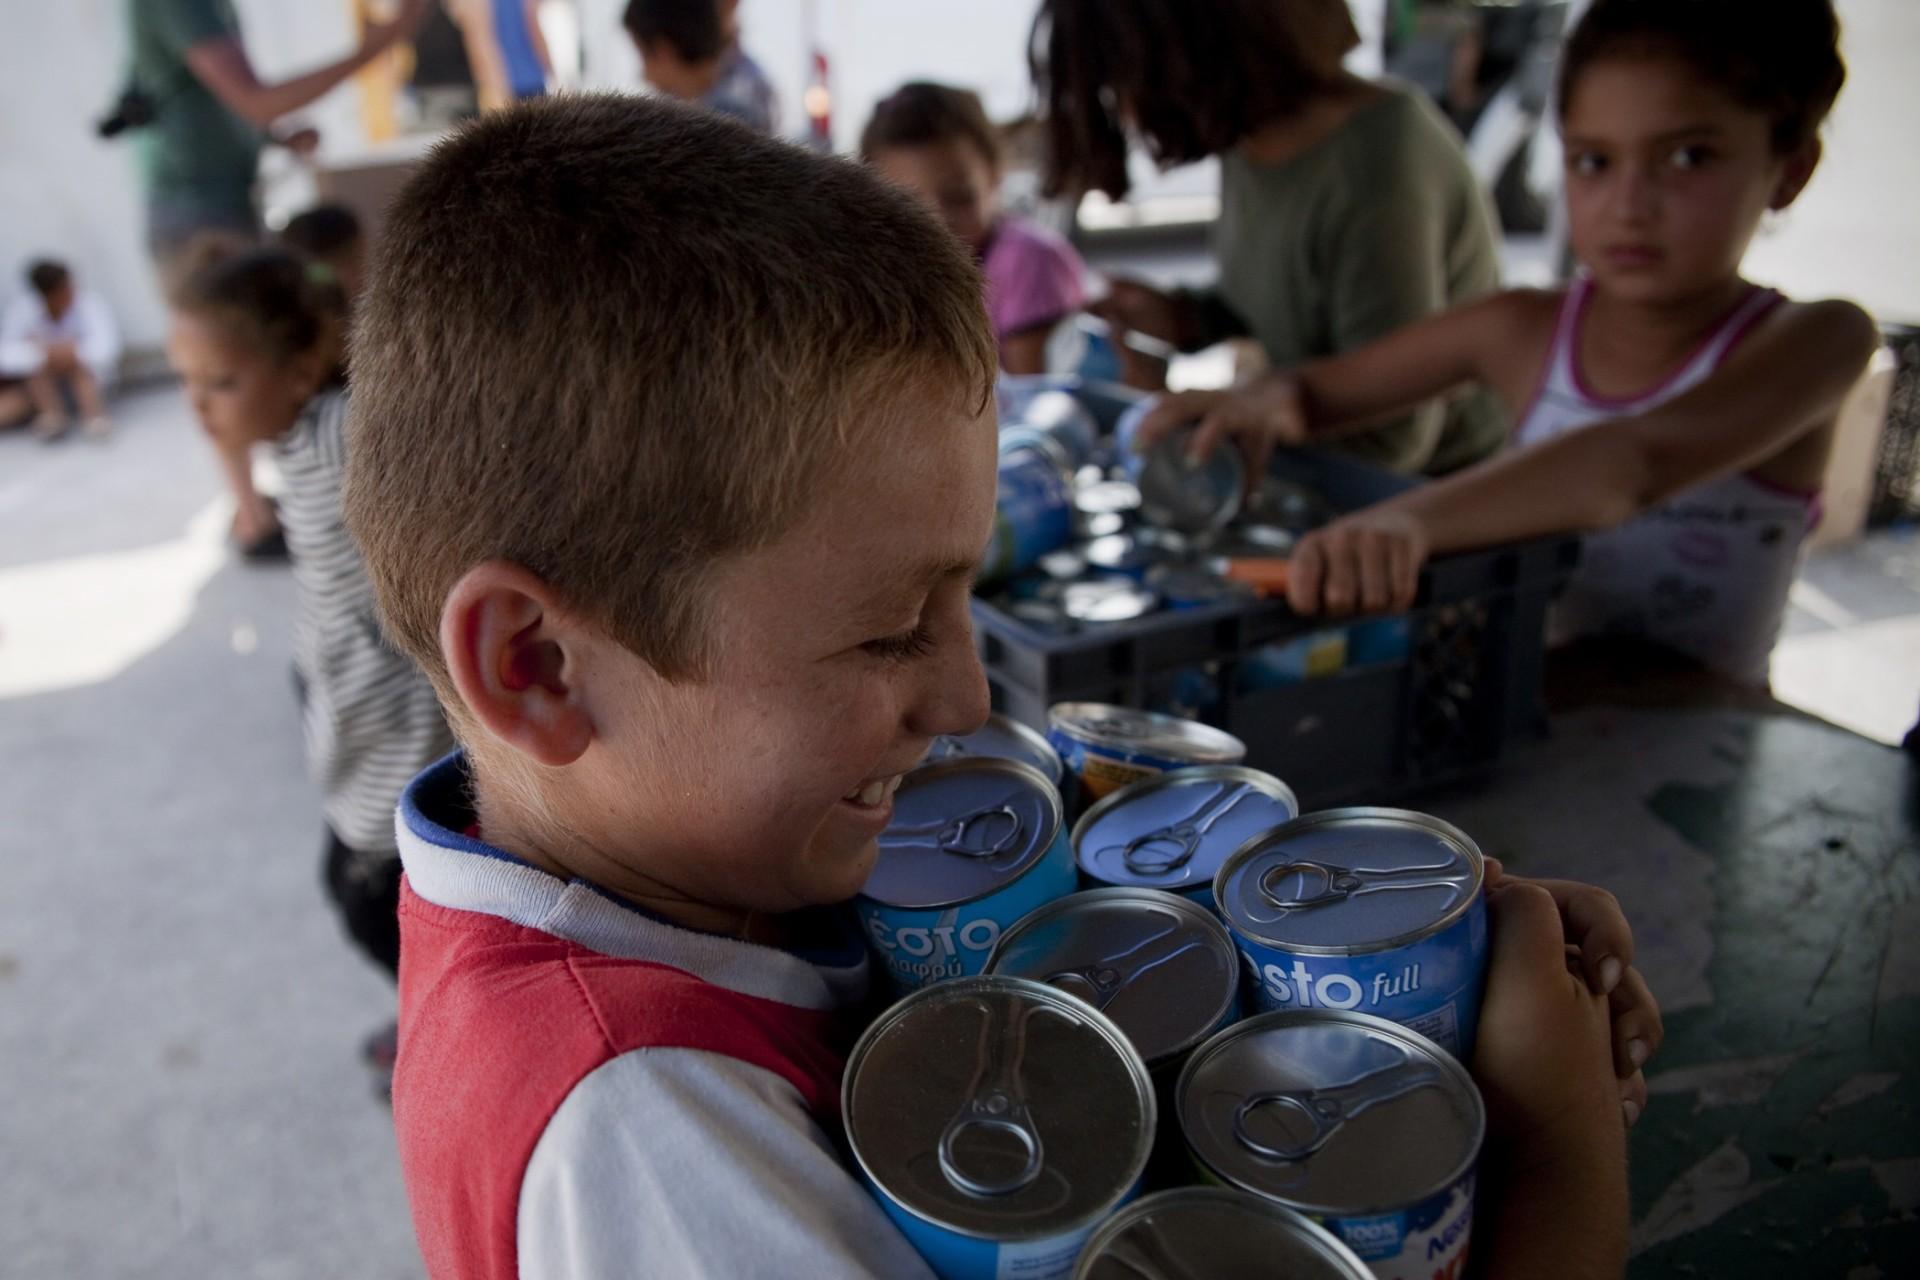 La distribution de lait concentré en conserve tourne vite à la désorganisation totale et est prise d'assaut par les enfants qui embarquent bien plus que la seule boîte initialement prévue par personne.